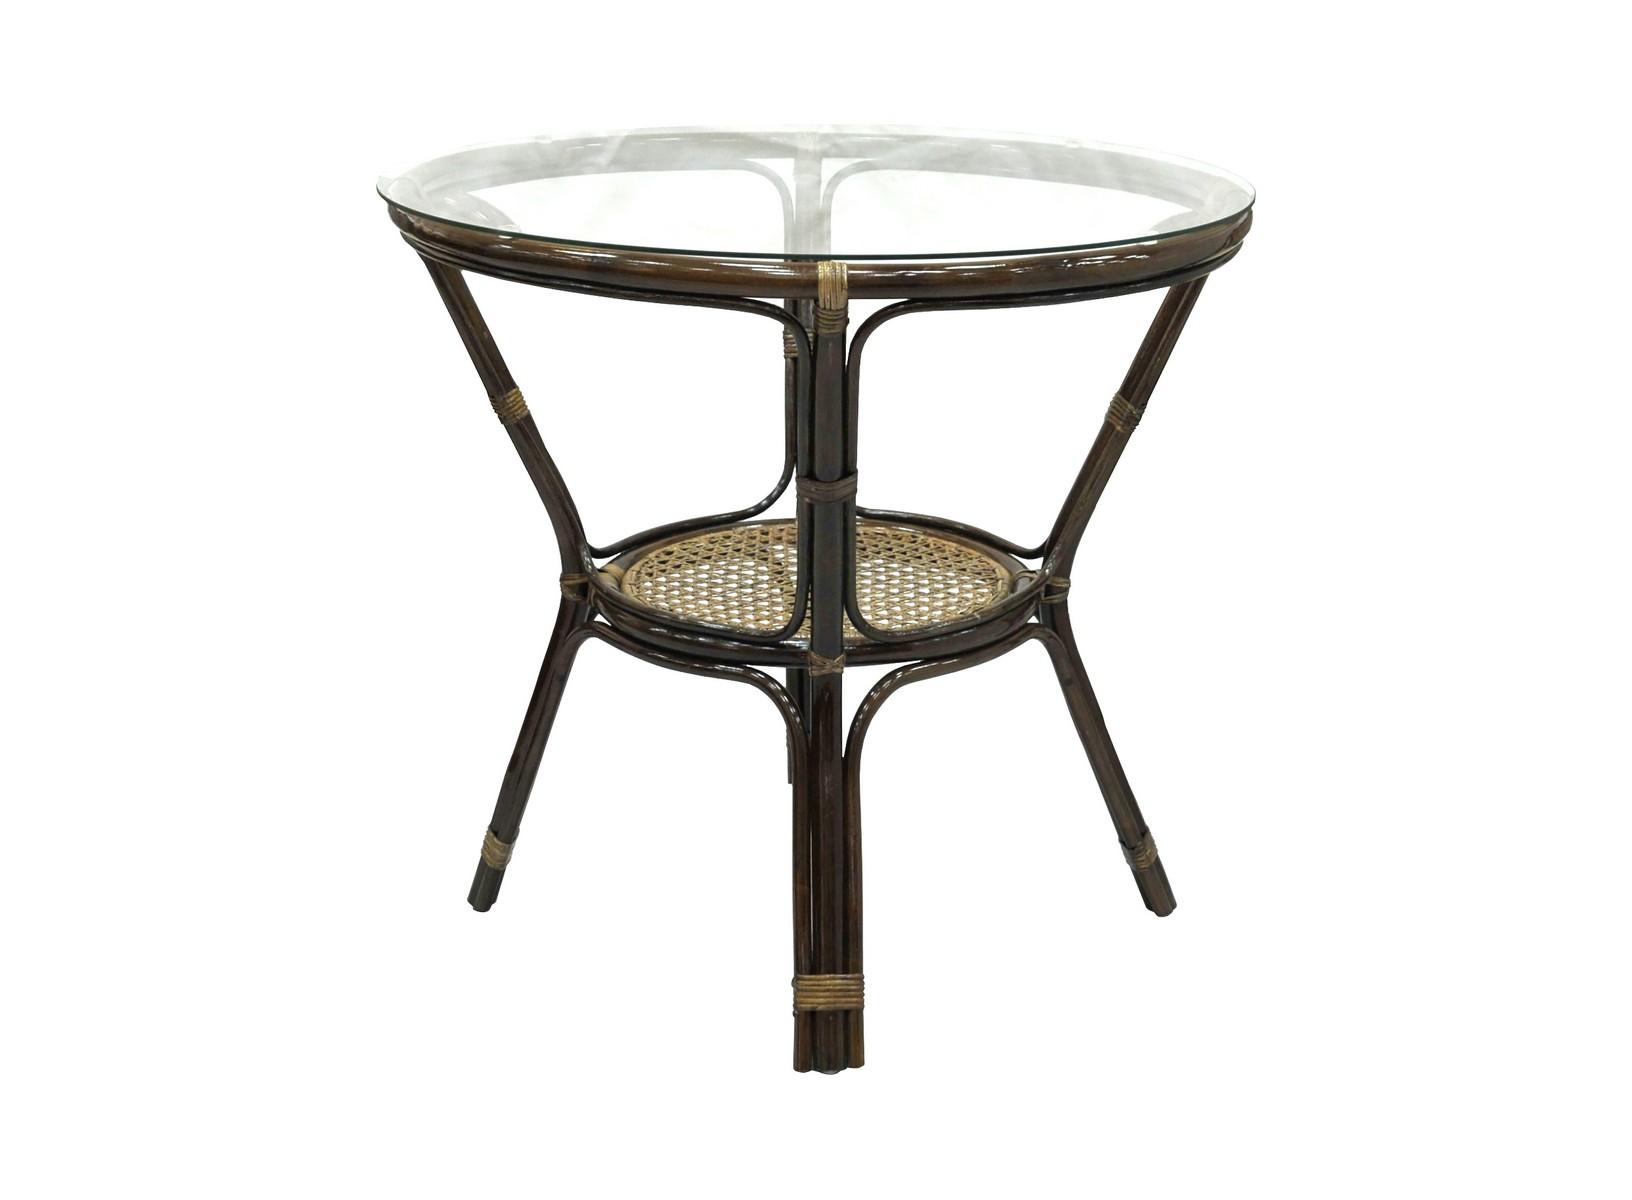 Стол обеденный EllenaСтолы и столики для сада<br>Простой дизайн впишется в любой интерьер. Стекло на присосках.<br><br>Material: Ротанг<br>Высота см: 75